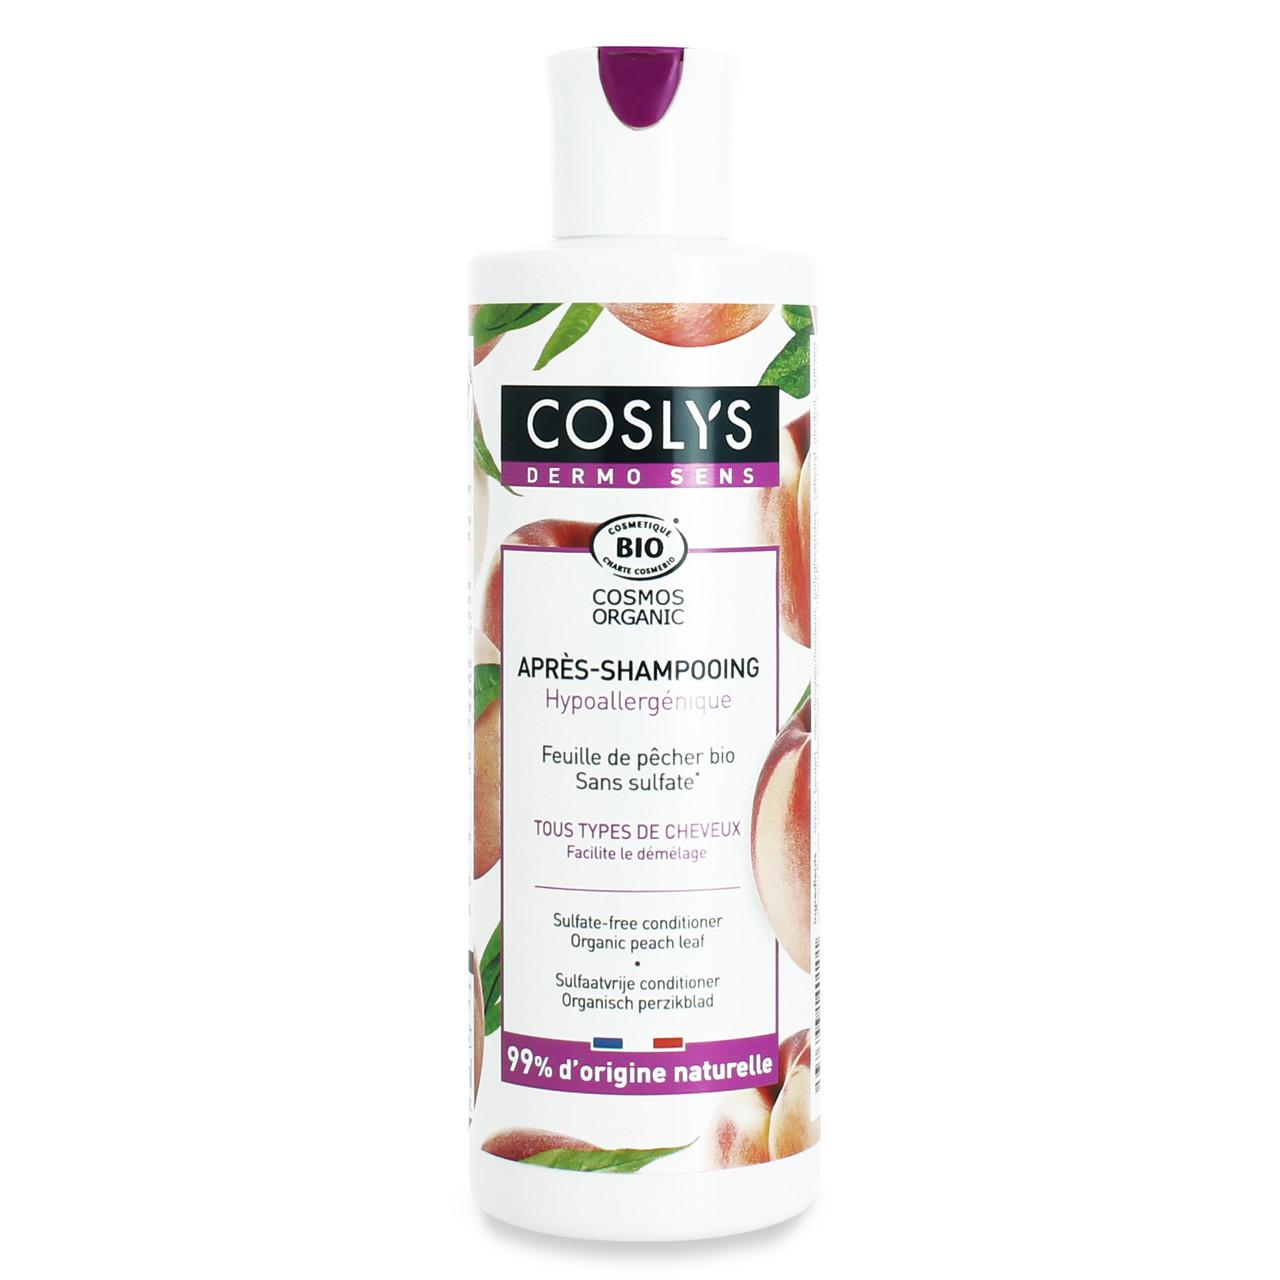 Гипоаллергенный кондиционер для всех типов волос  с органическими листьями персика Coslys,240 мл